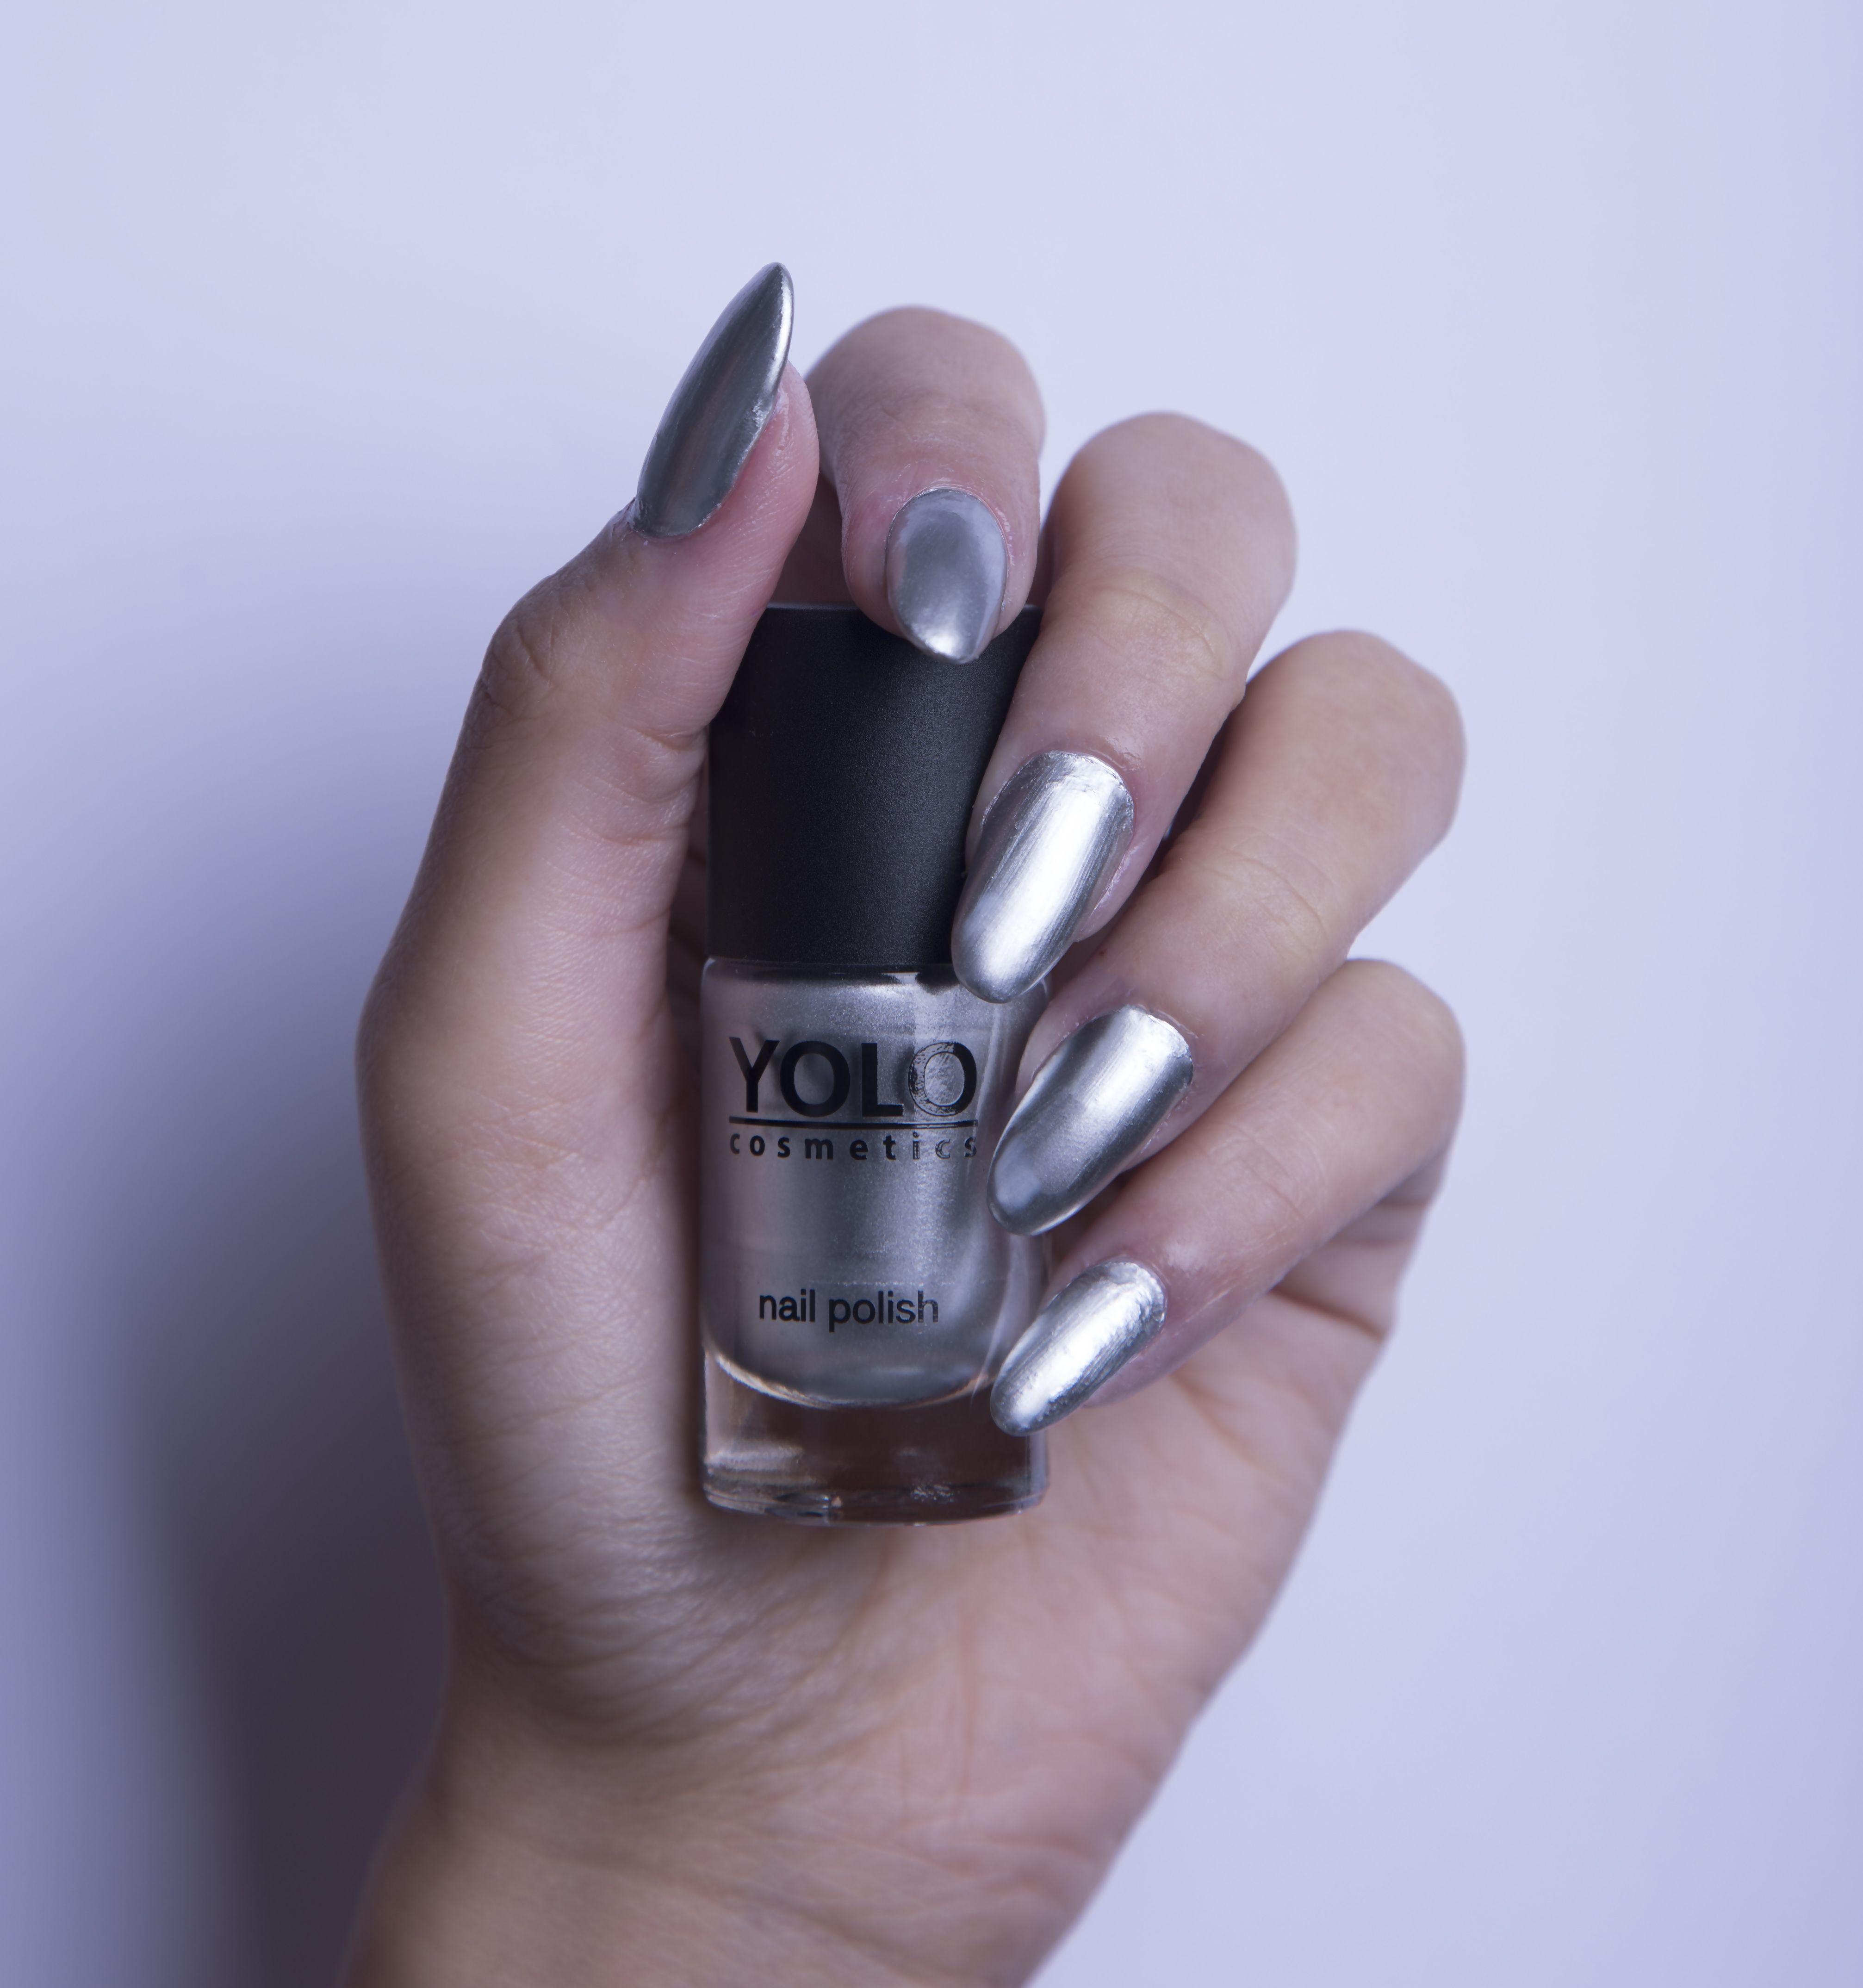 160Mirror Nail polish, Nails, Nail manicure